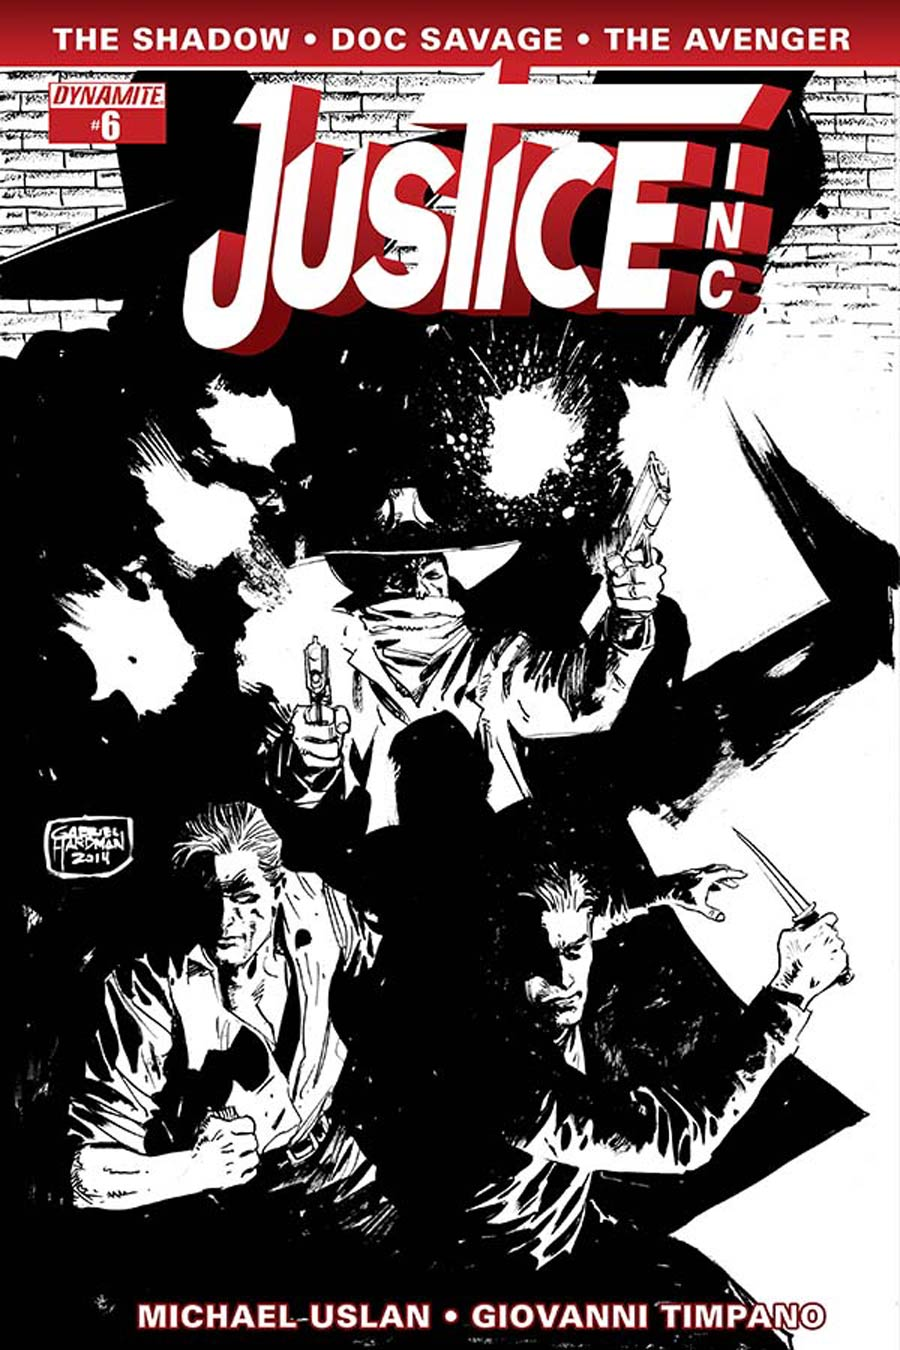 Justice Inc Vol 3 #6 Cover E Incentive Gabriel Hardman Black & White Cover